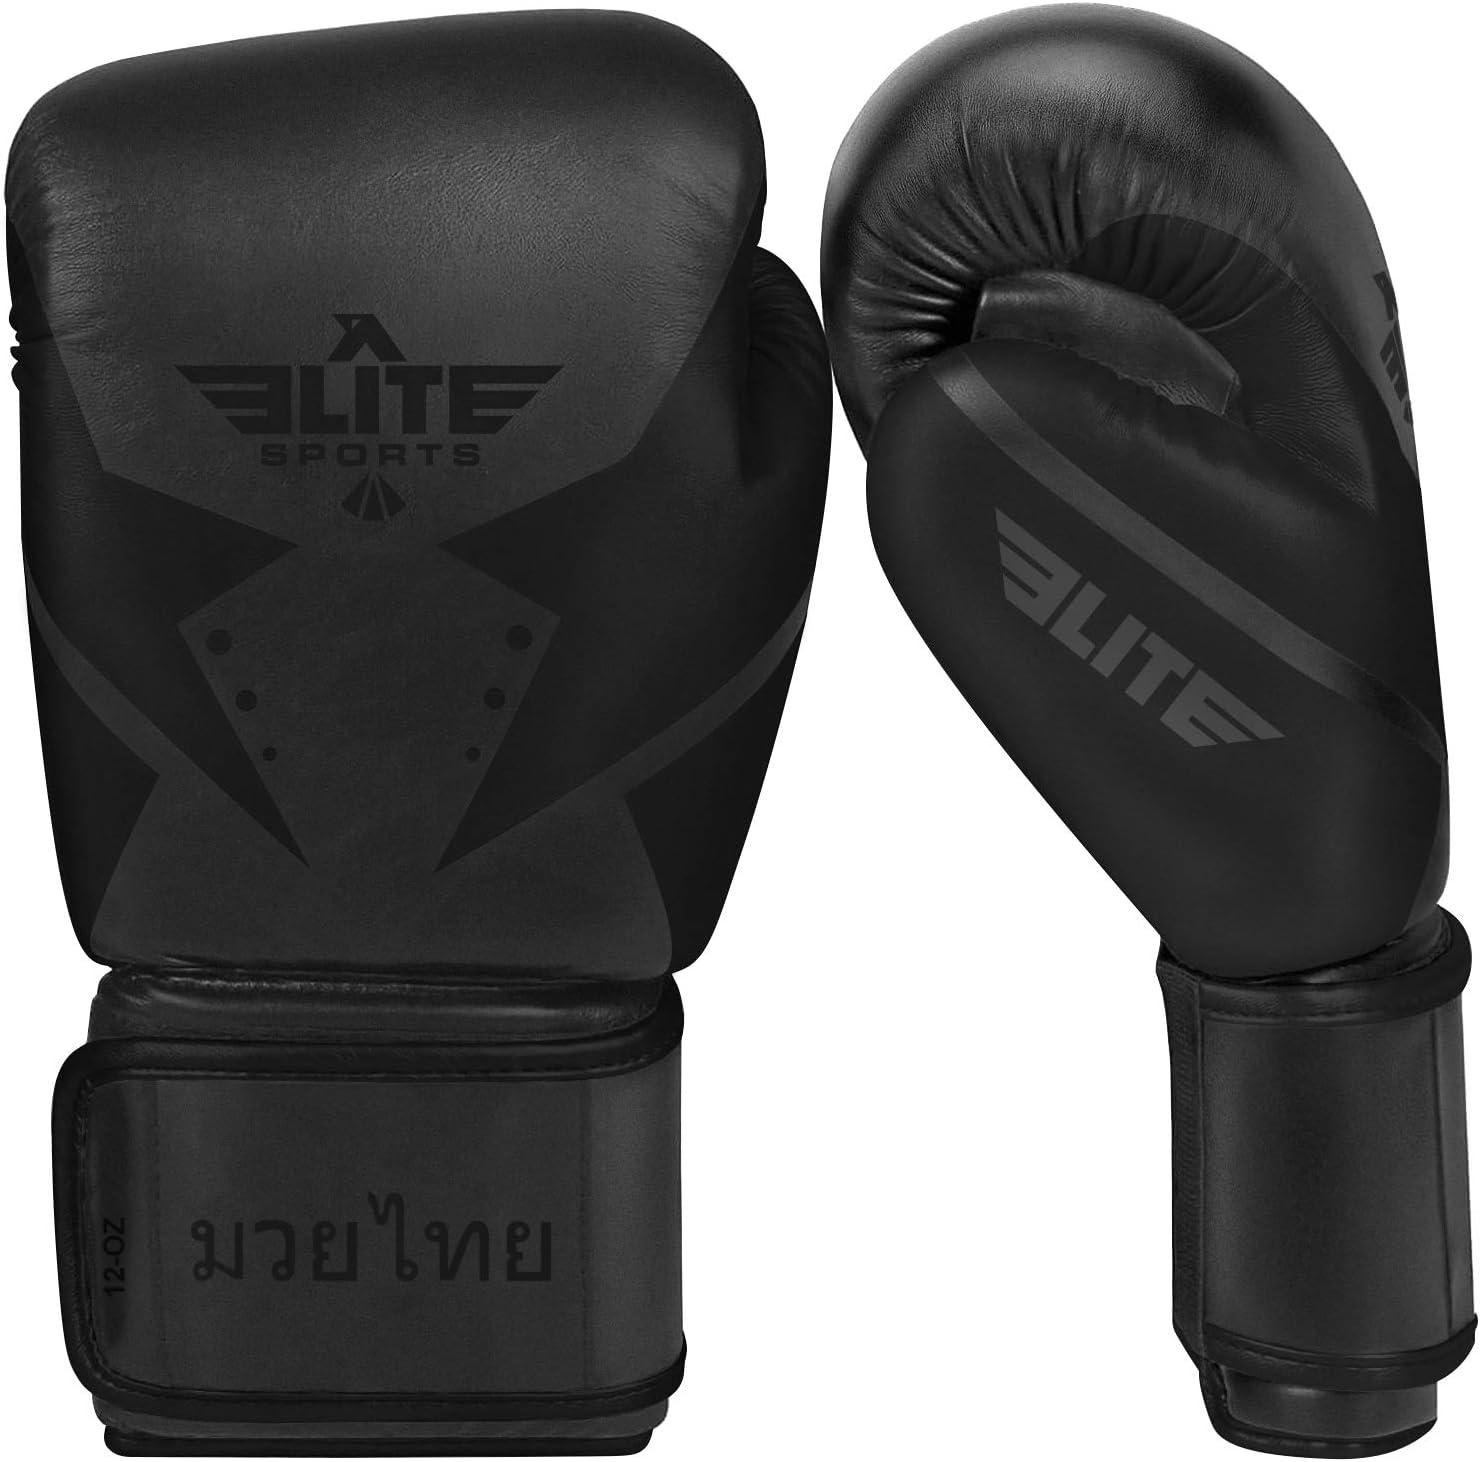 Elite Sports Muay Thai Gloves Men/'s Women/'s Best Kickboxing Pair of Breathable Gloves